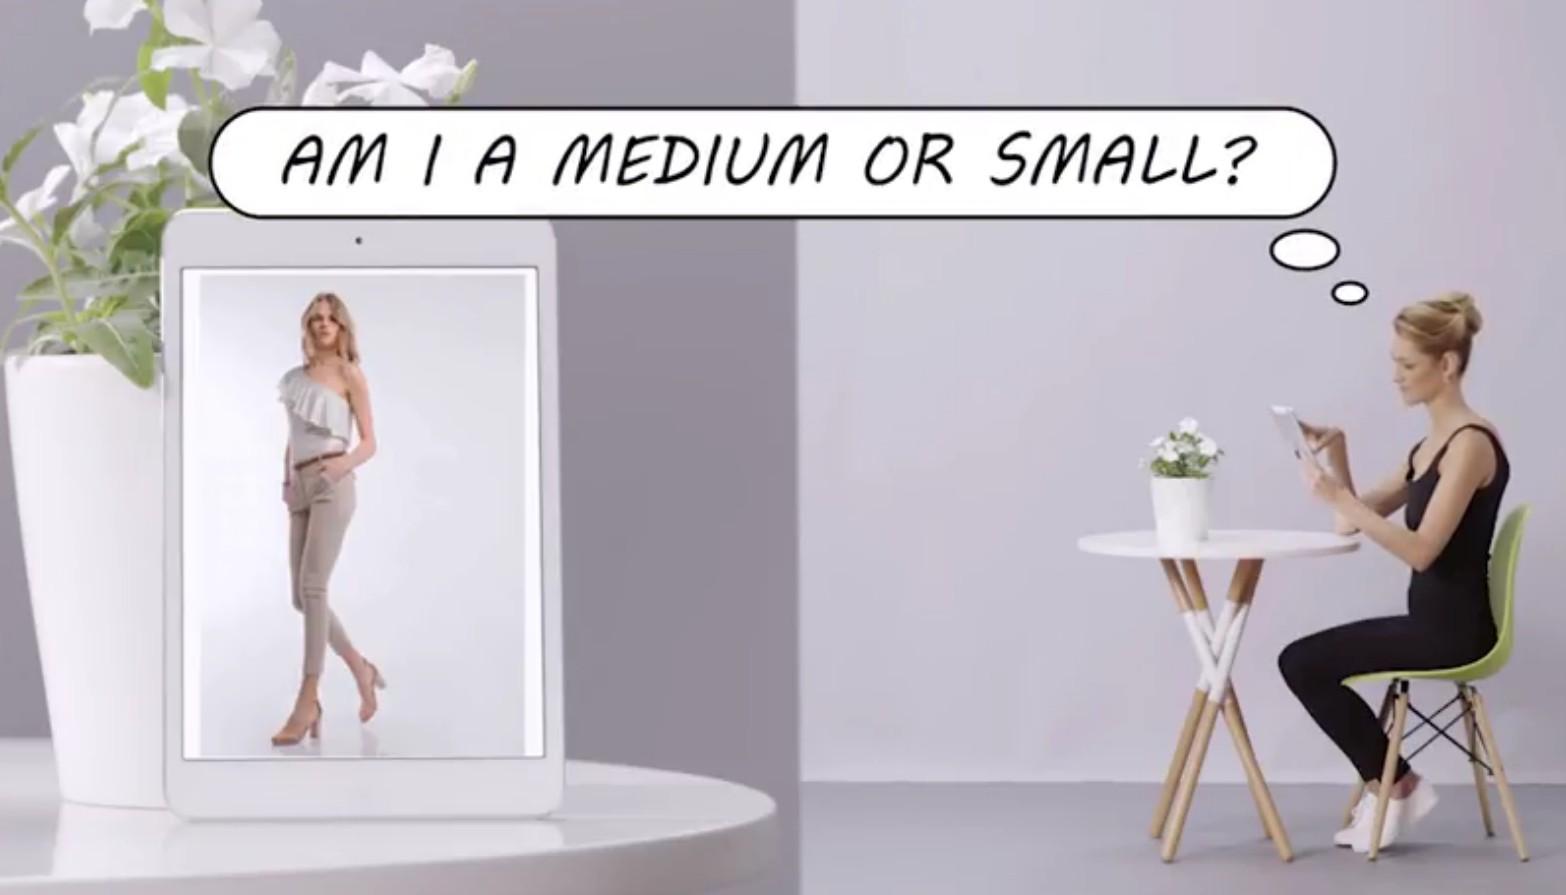 Sizer escanea el cuerpo del usuario y determina su talla exacta para la prenda de ropa que está considerando comprar. Imagen: captura de pantalla